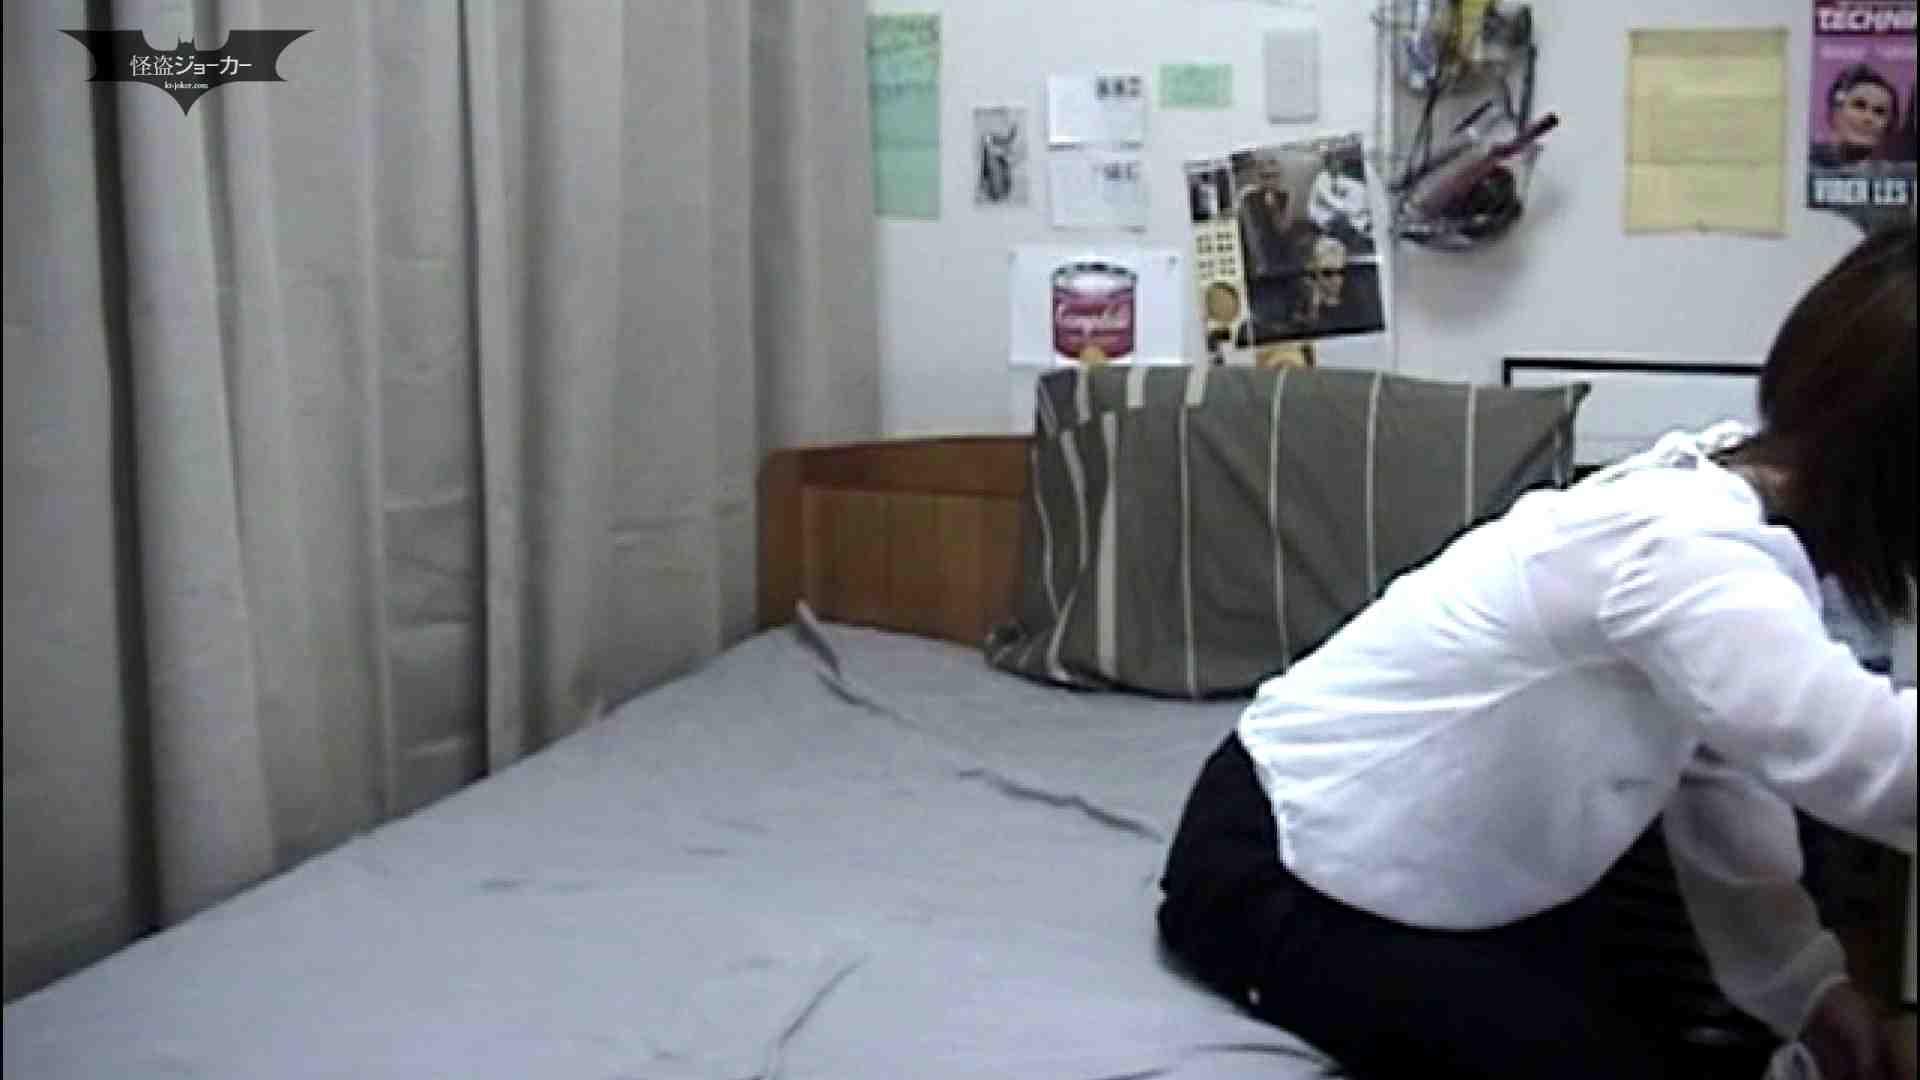 素人女良を部屋に連れ込み隠し撮りSEX!! その④ 色白美肌女良れいか 美乳 おまんこ無修正動画無料 82画像 16